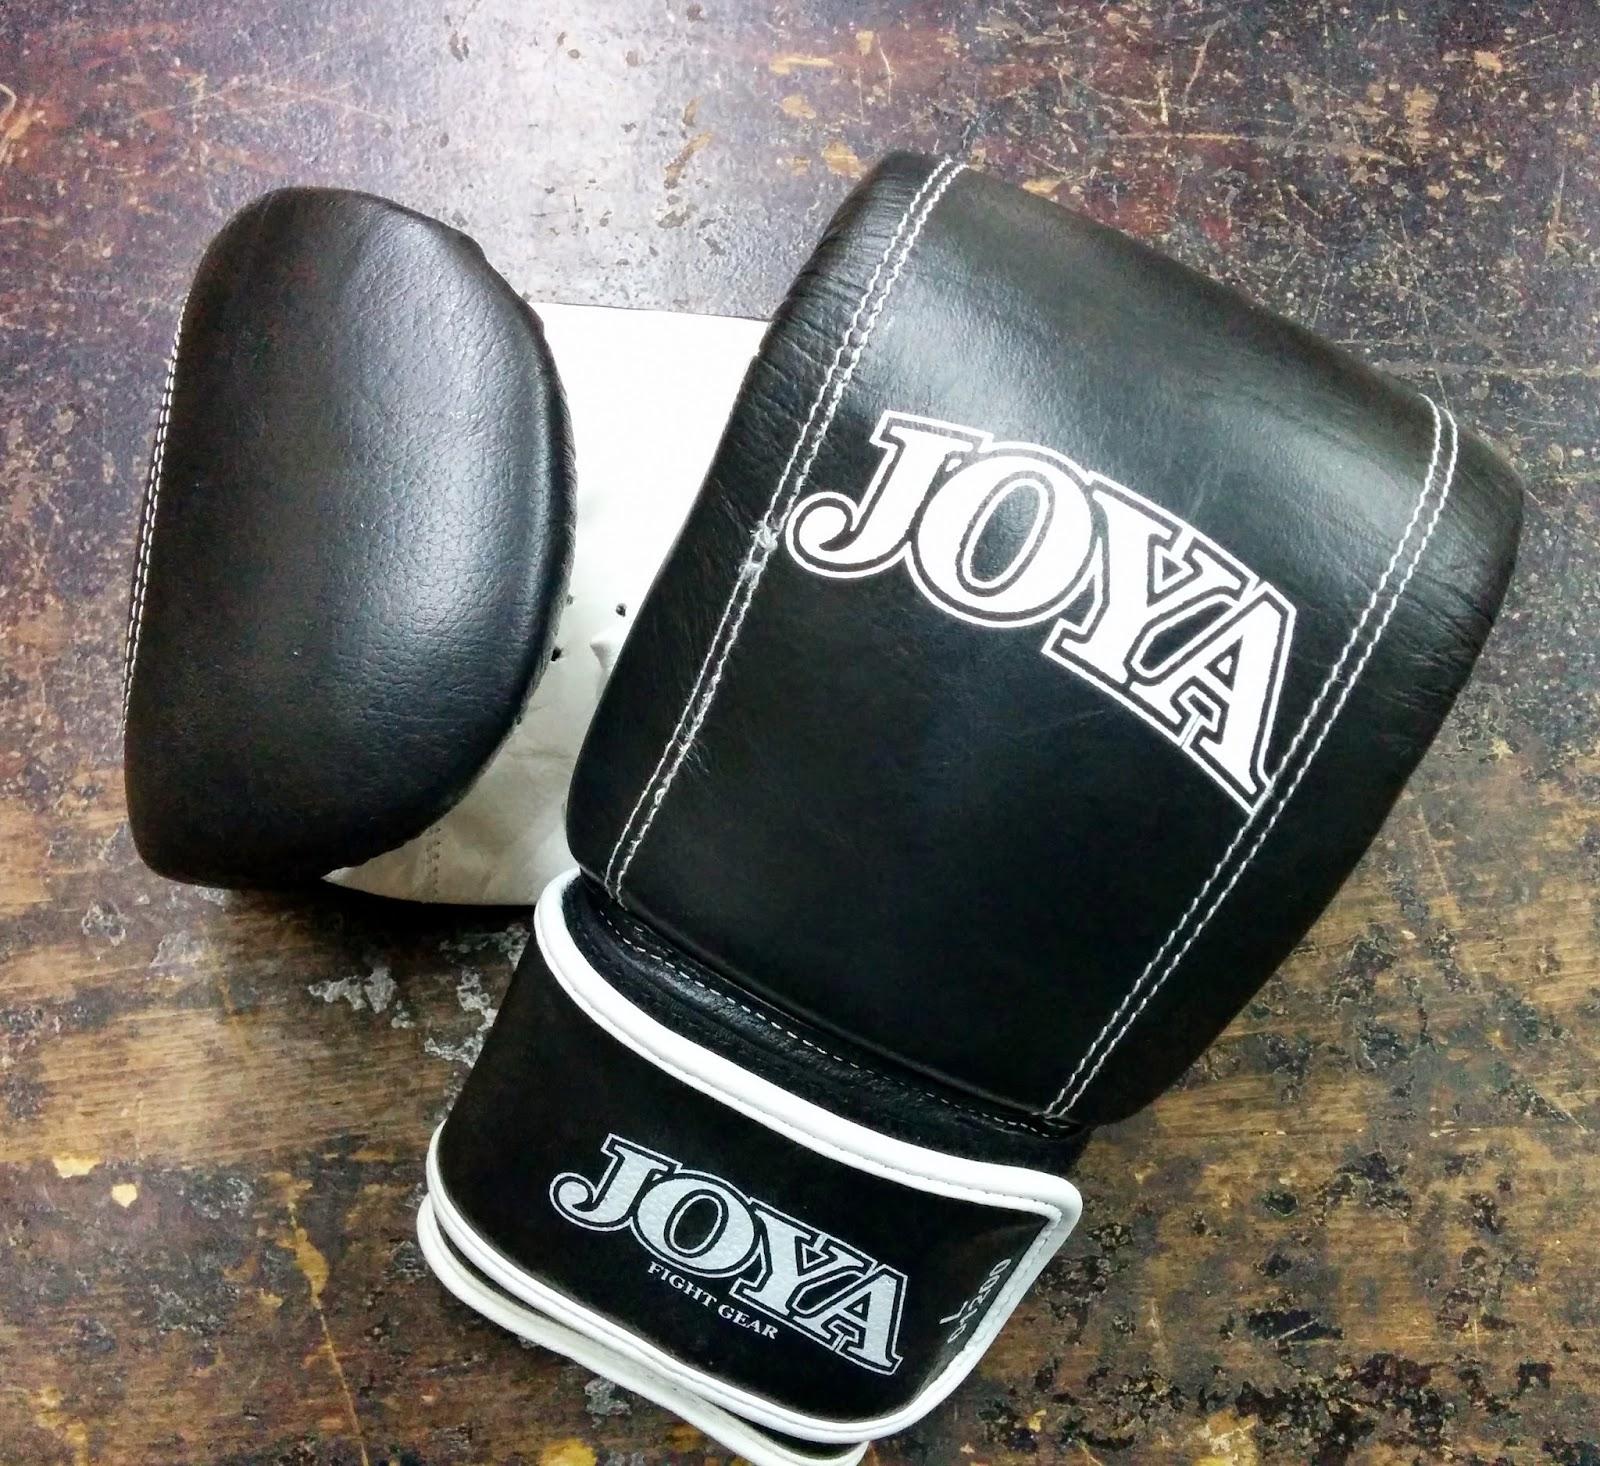 guantillas de saco joya